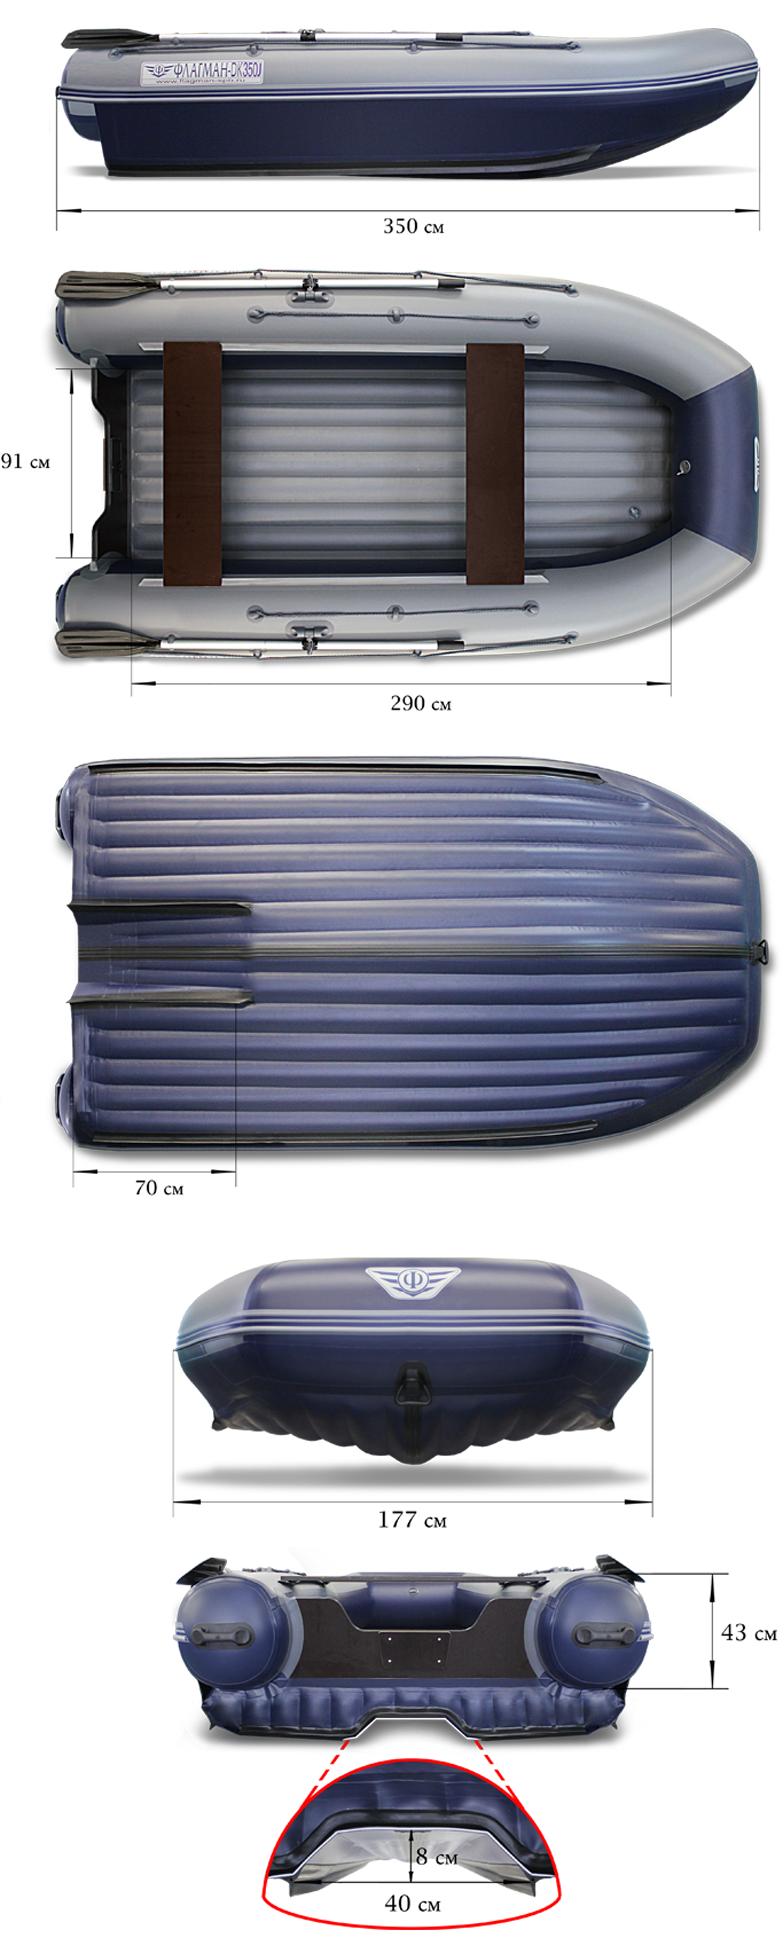 ФЛАГМАН DK 350 Jet